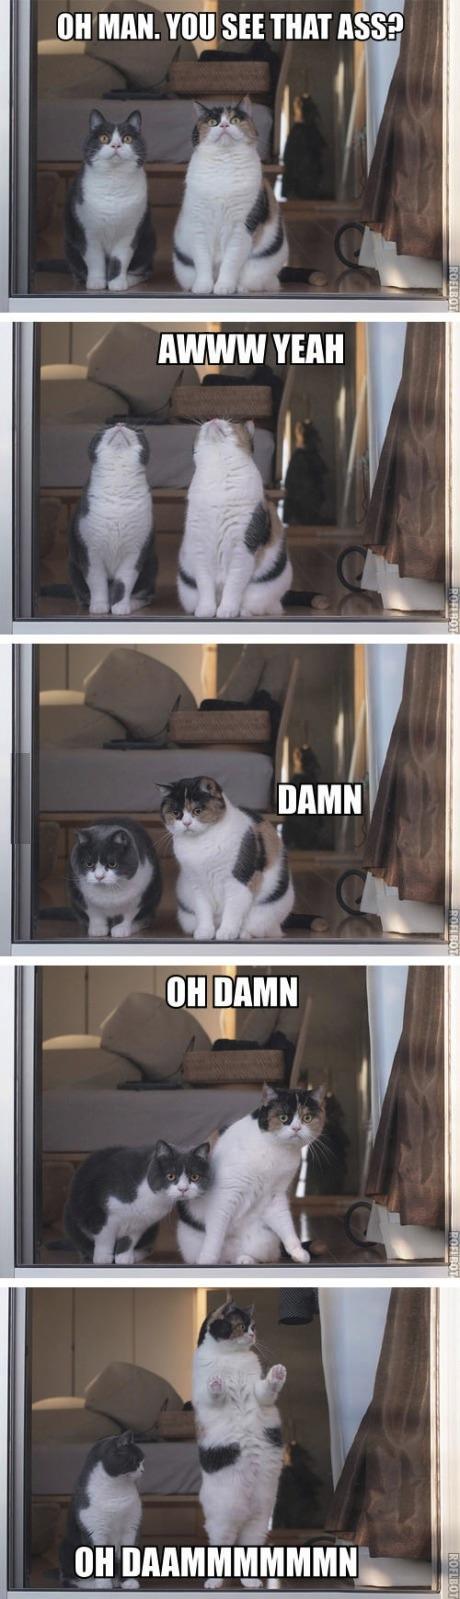 cat see ass